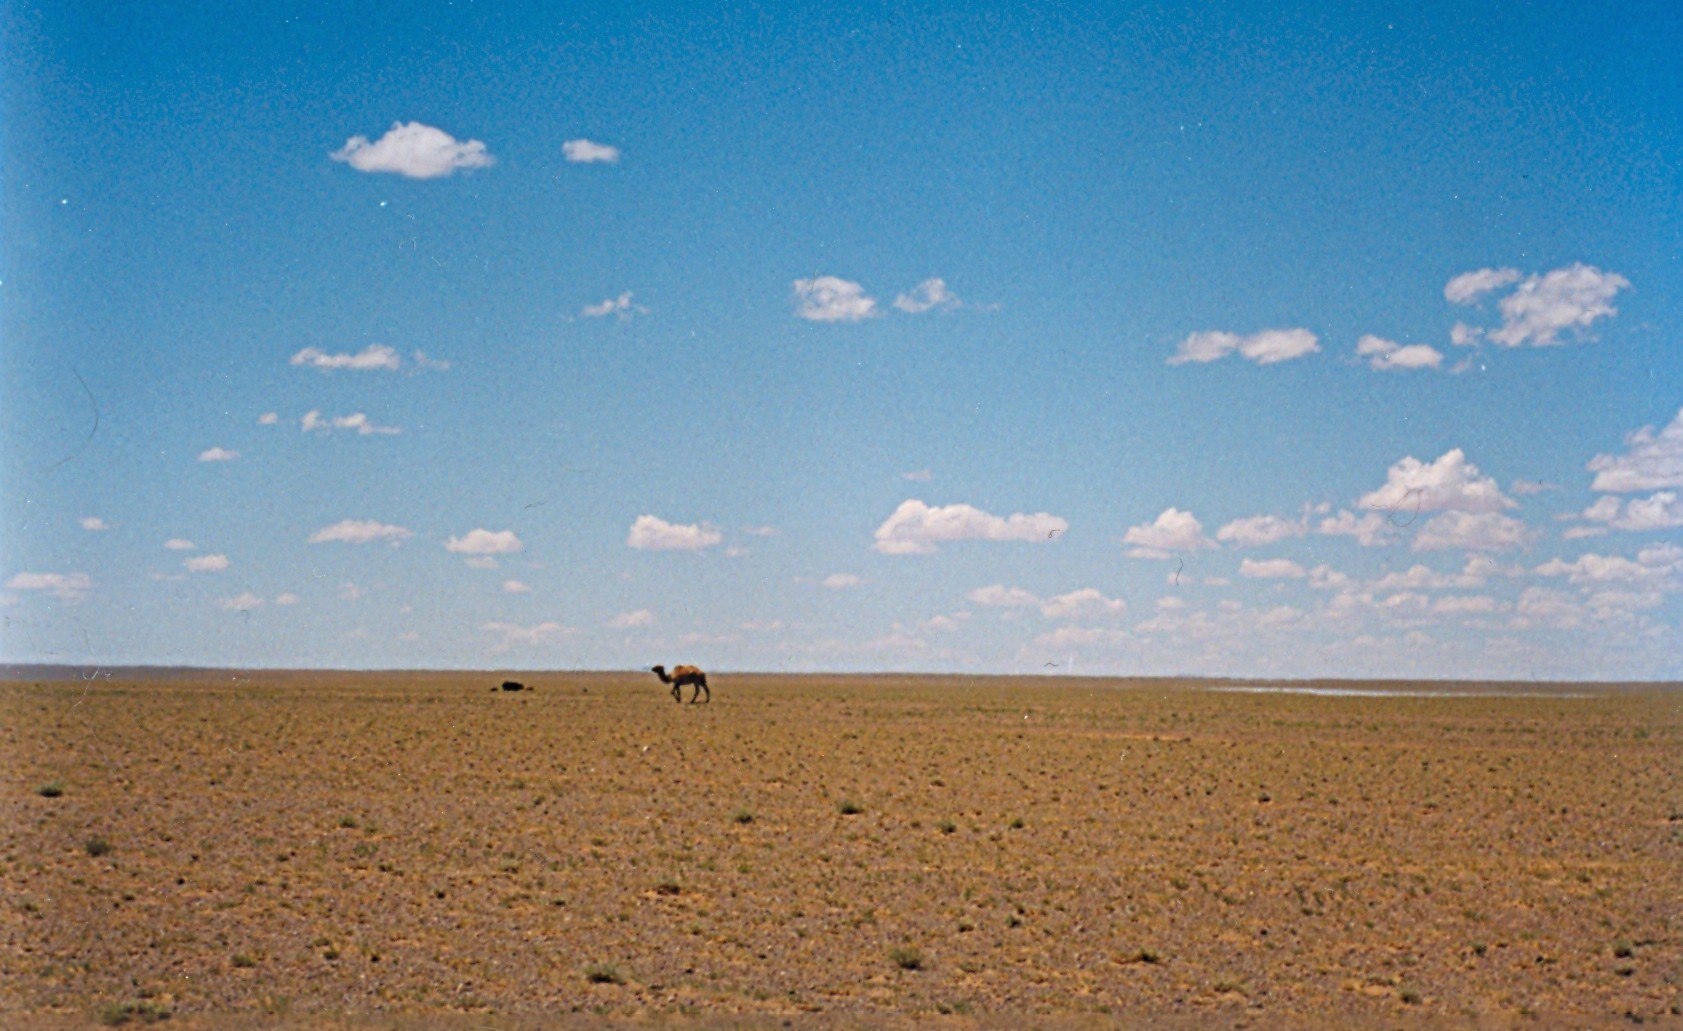 http://www.writework.com/uploads/2/20163/english-gobi-desert-landscape-omnogovi-province-mongolia.jpg